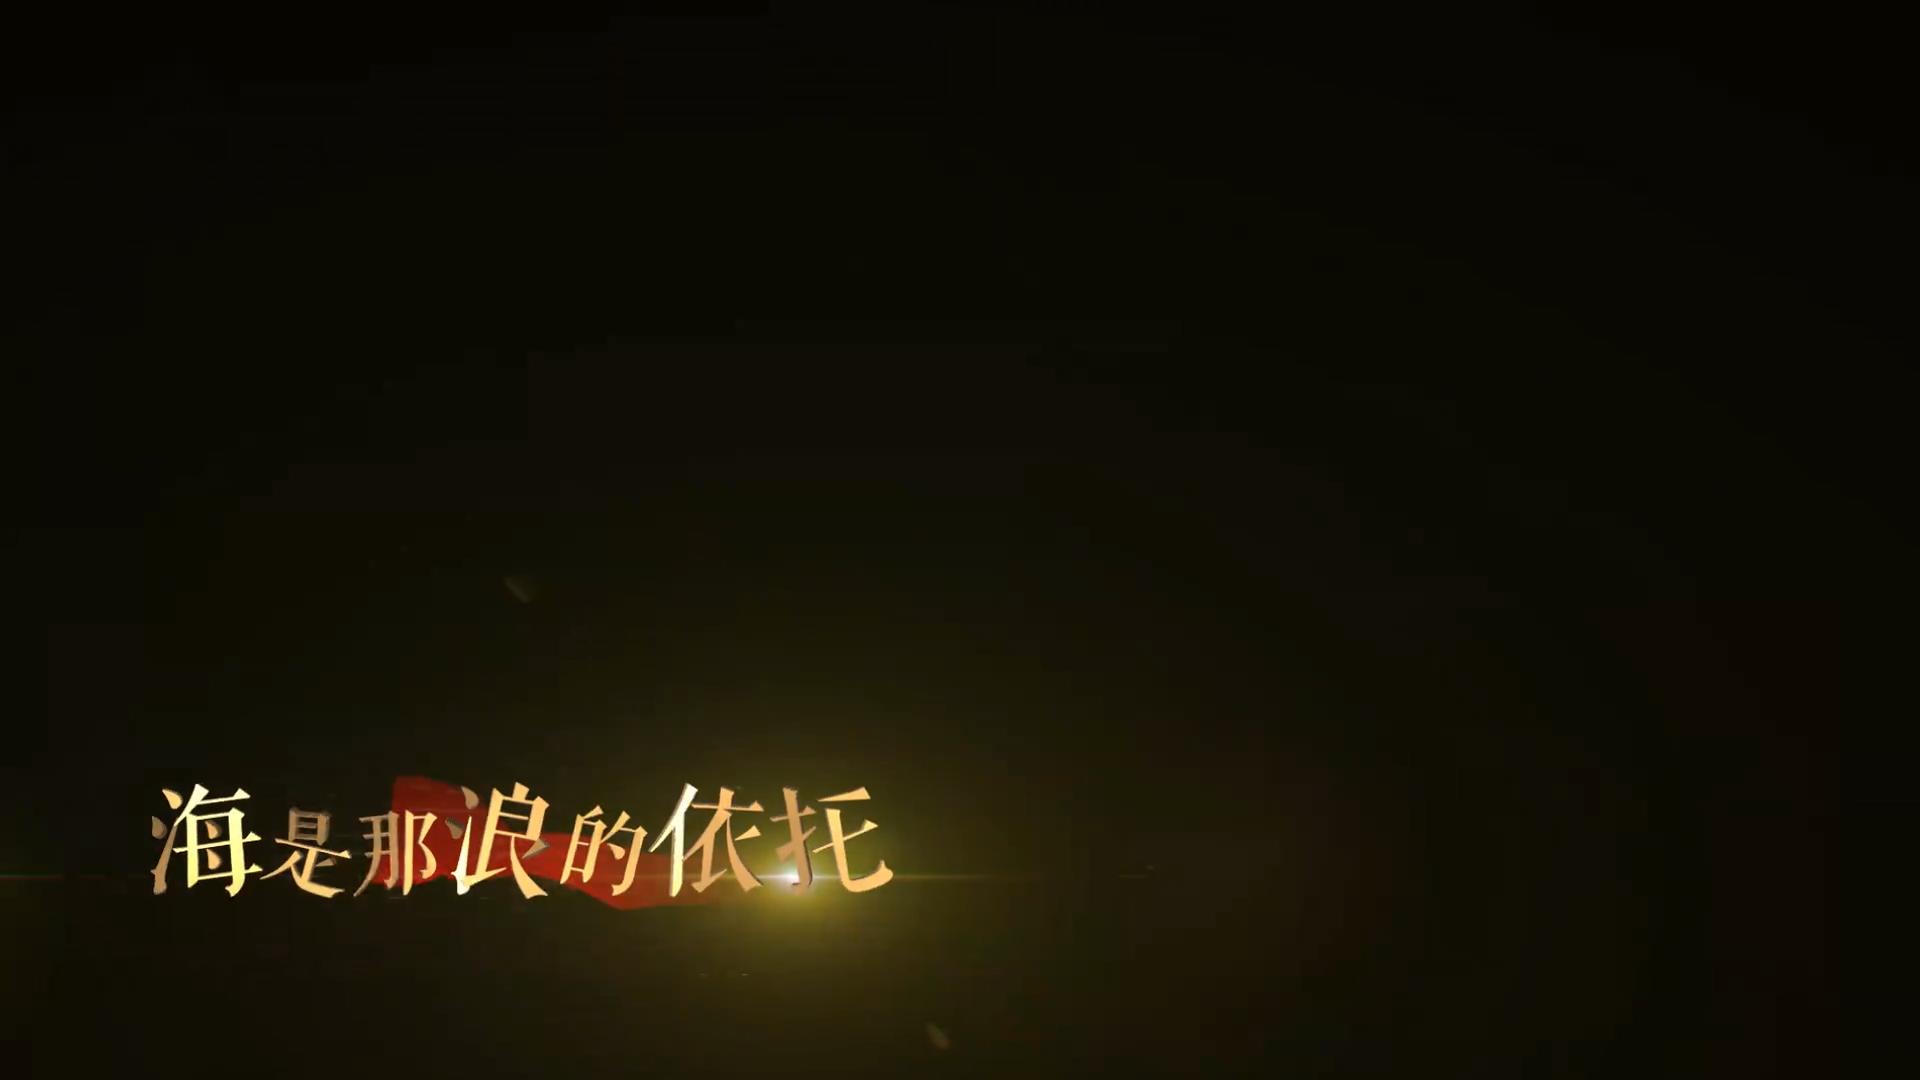 我和我的祖国MV字幕